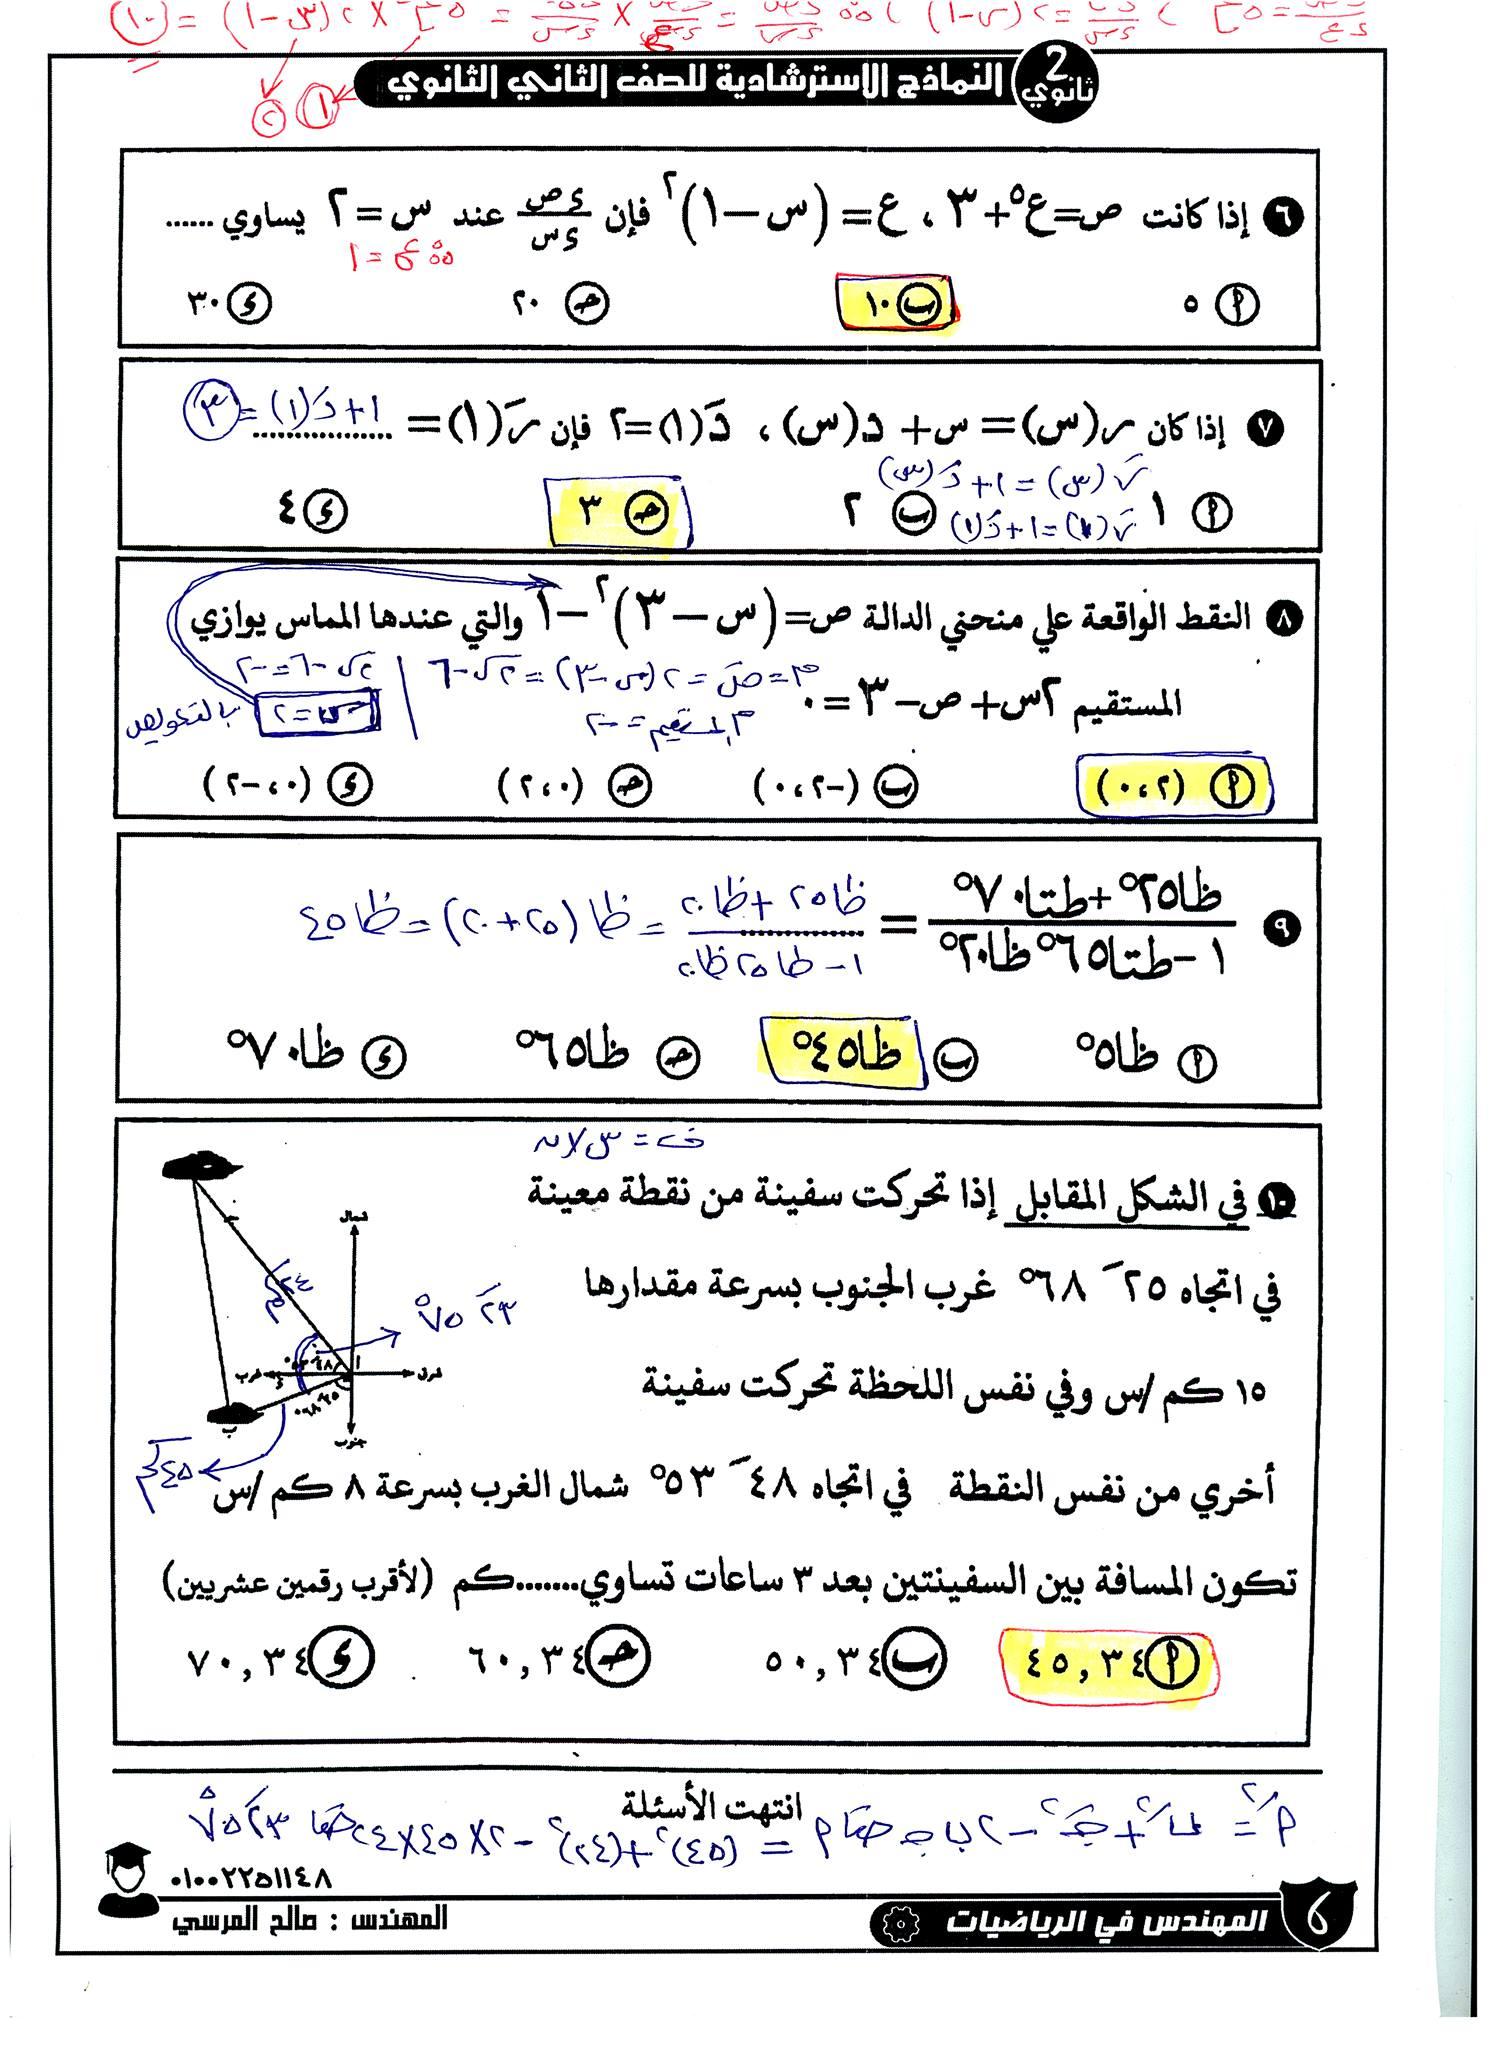 مراجعة ليلة امتحان الرياضيات البحتة للصف الثاني الثانوي بالاجابات 6